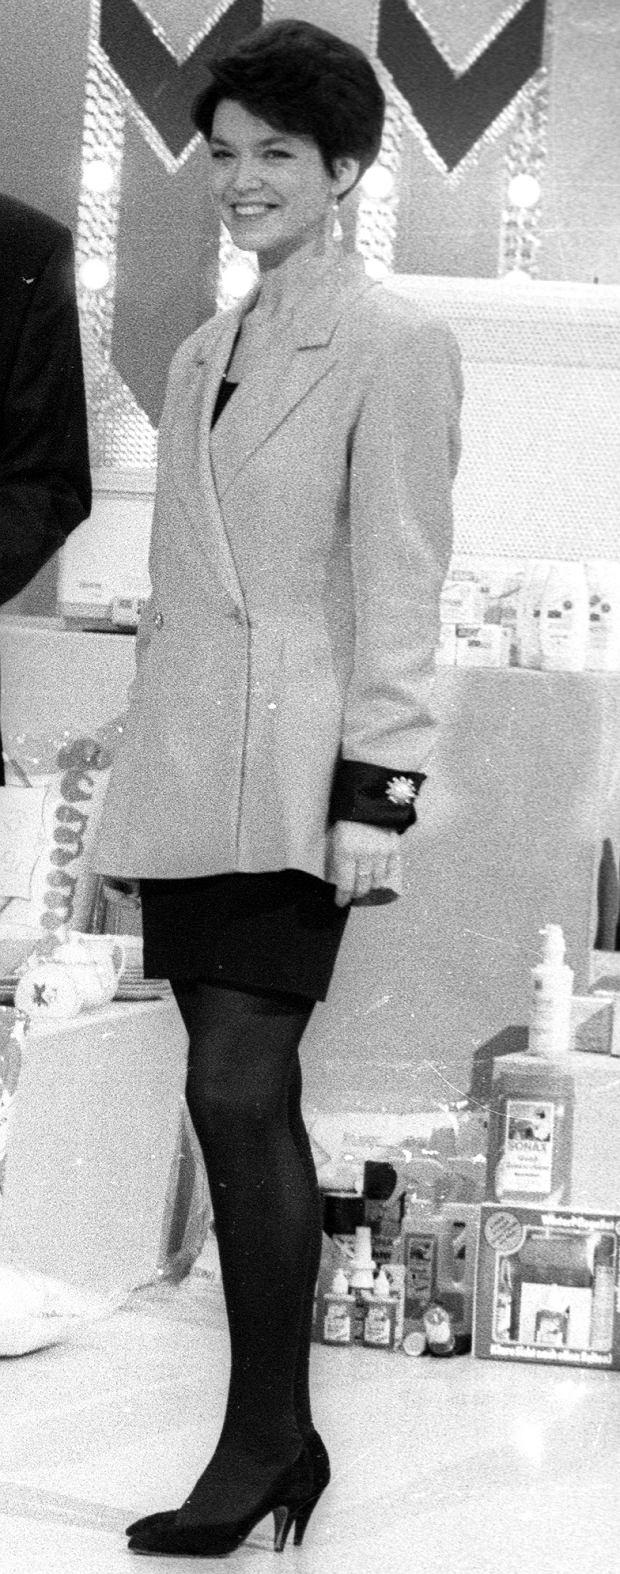 """Warszawa, 16.02.1993. Teleturniej """"Kolo fortuny"""", studio telewizyjne podczas nagrania programu, n/z z lewej Wojciech Pijanowski. Fot. Roman Kotowicz/FORUM"""